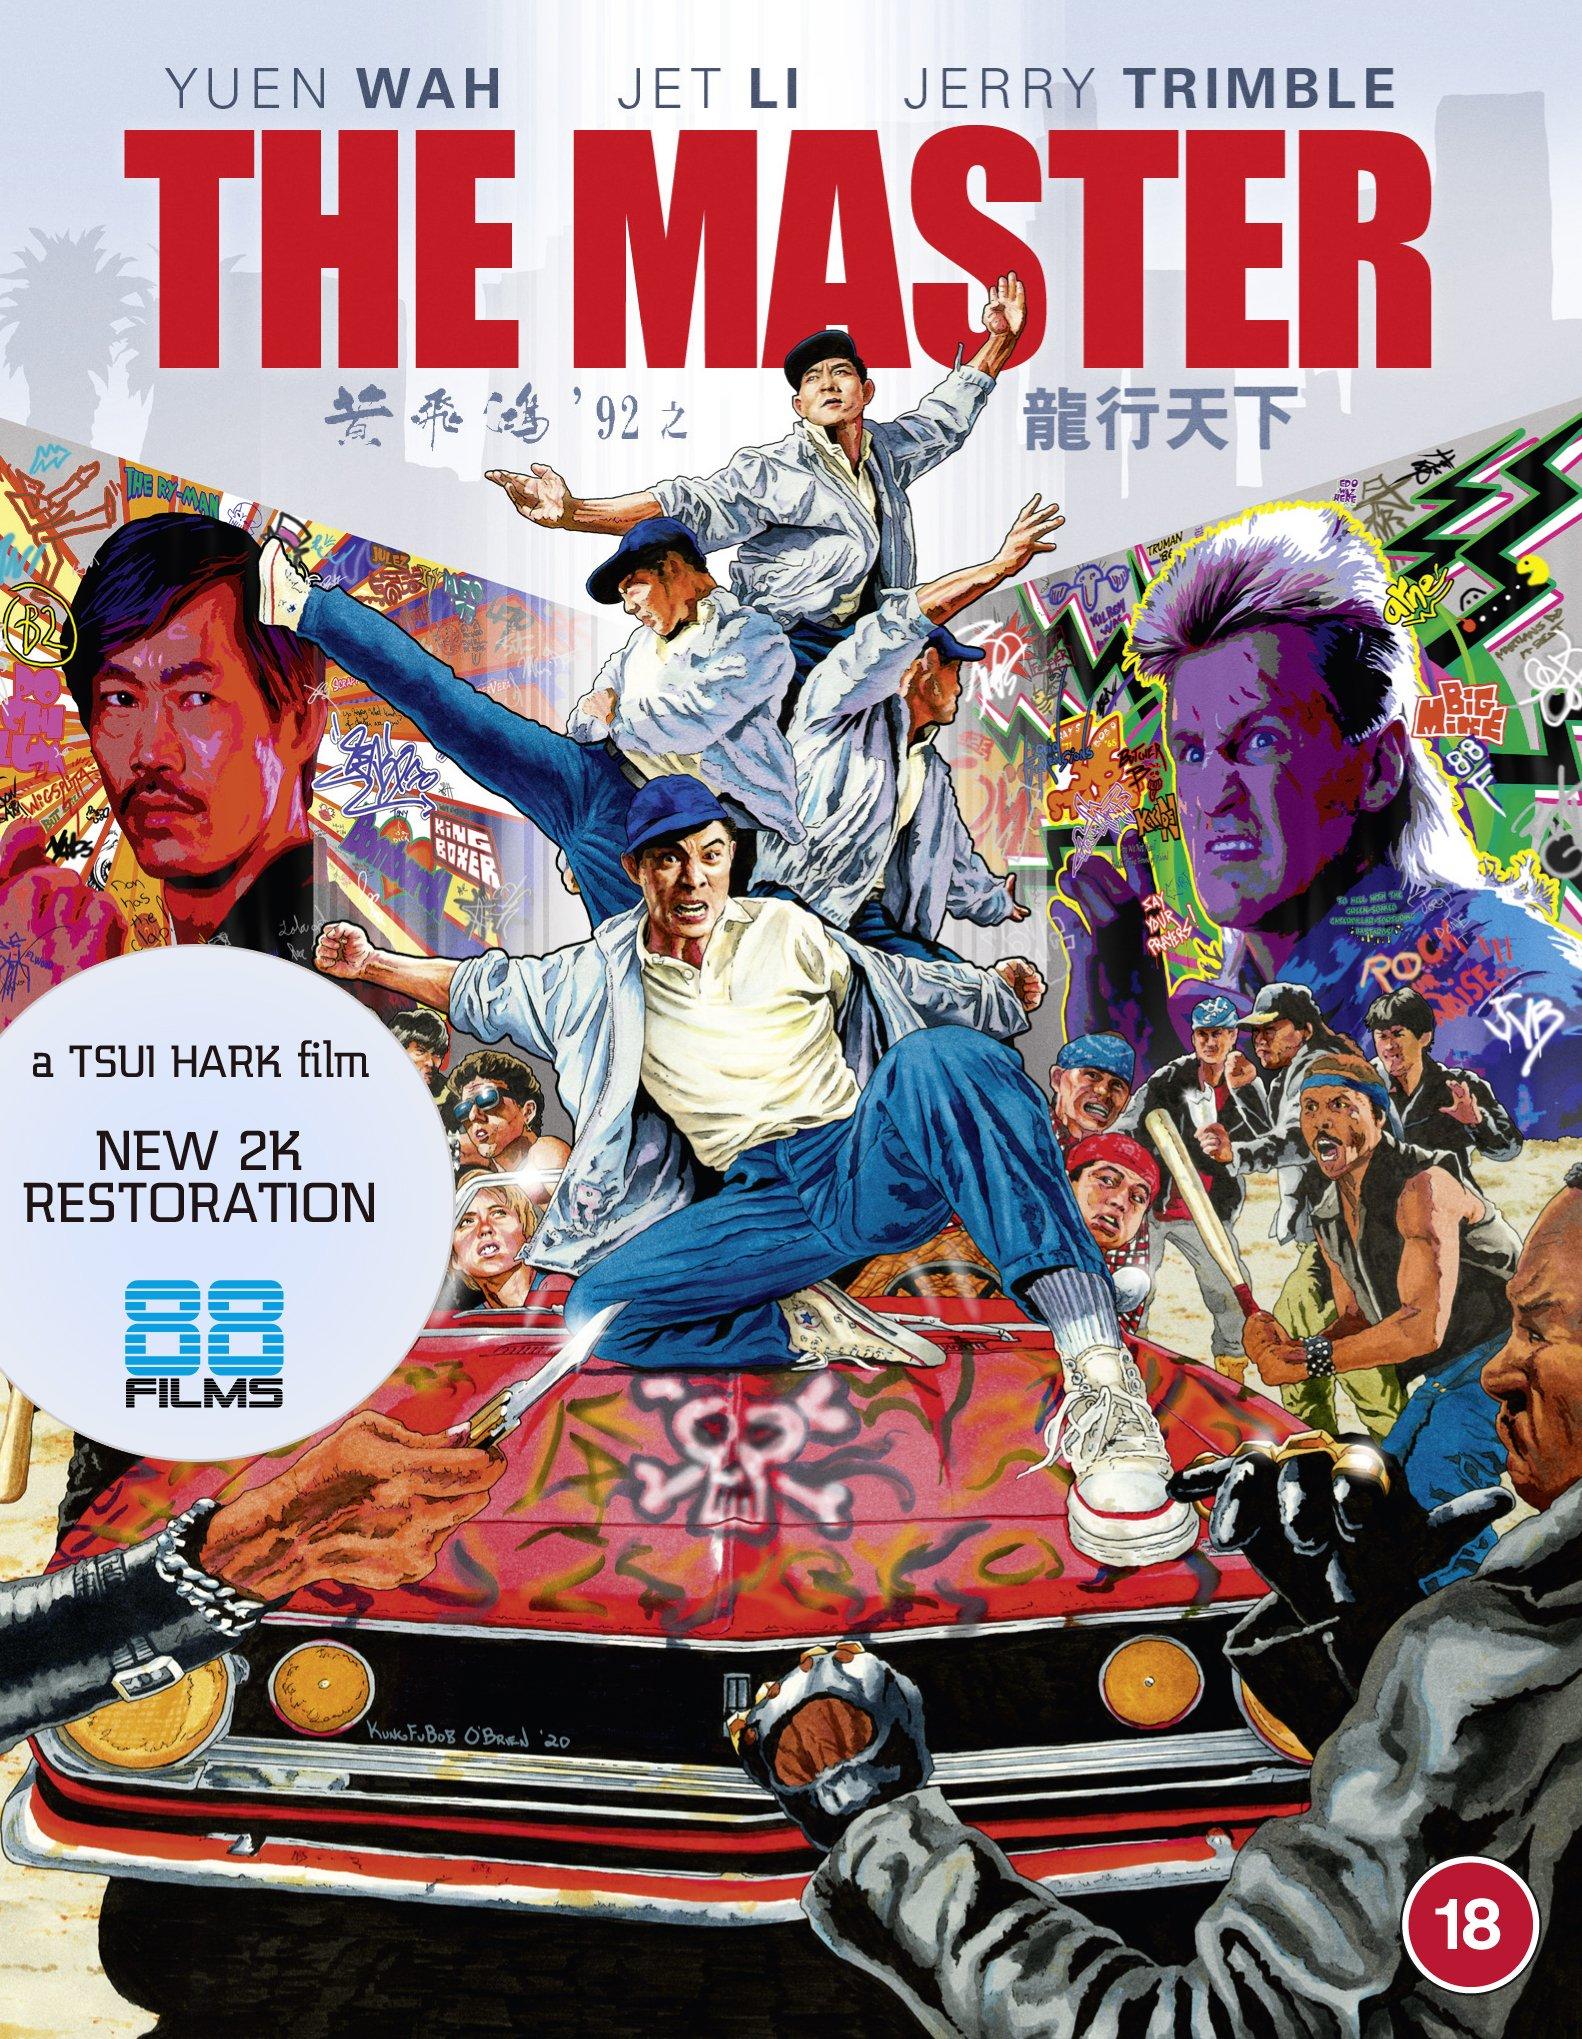 黃飛鴻'92之龍行天下 簡繁英字幕 The Master 1992 Bluray 1080p DTS-HDMA7.1 x265.10bit-CHD